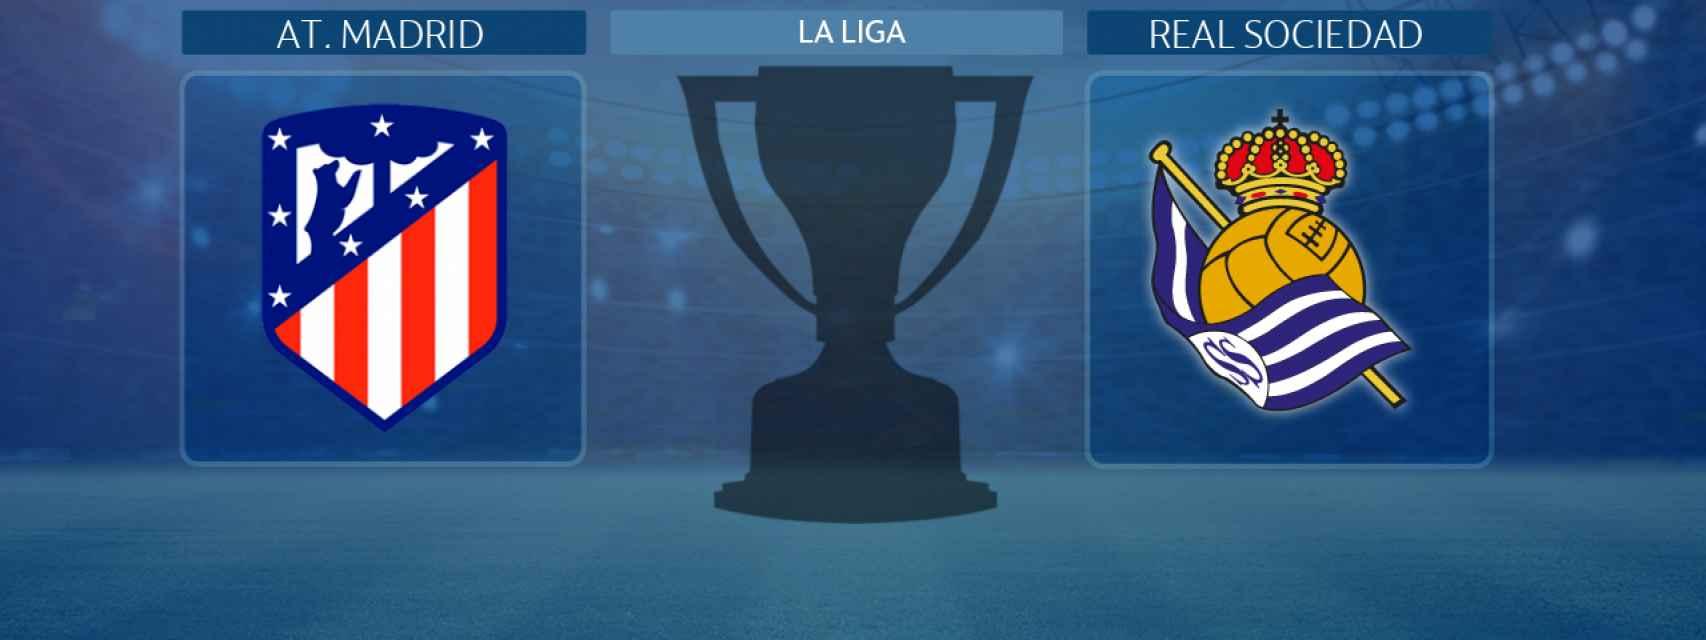 Atlético de Madrid - Real Sociedad, partido de La Liga